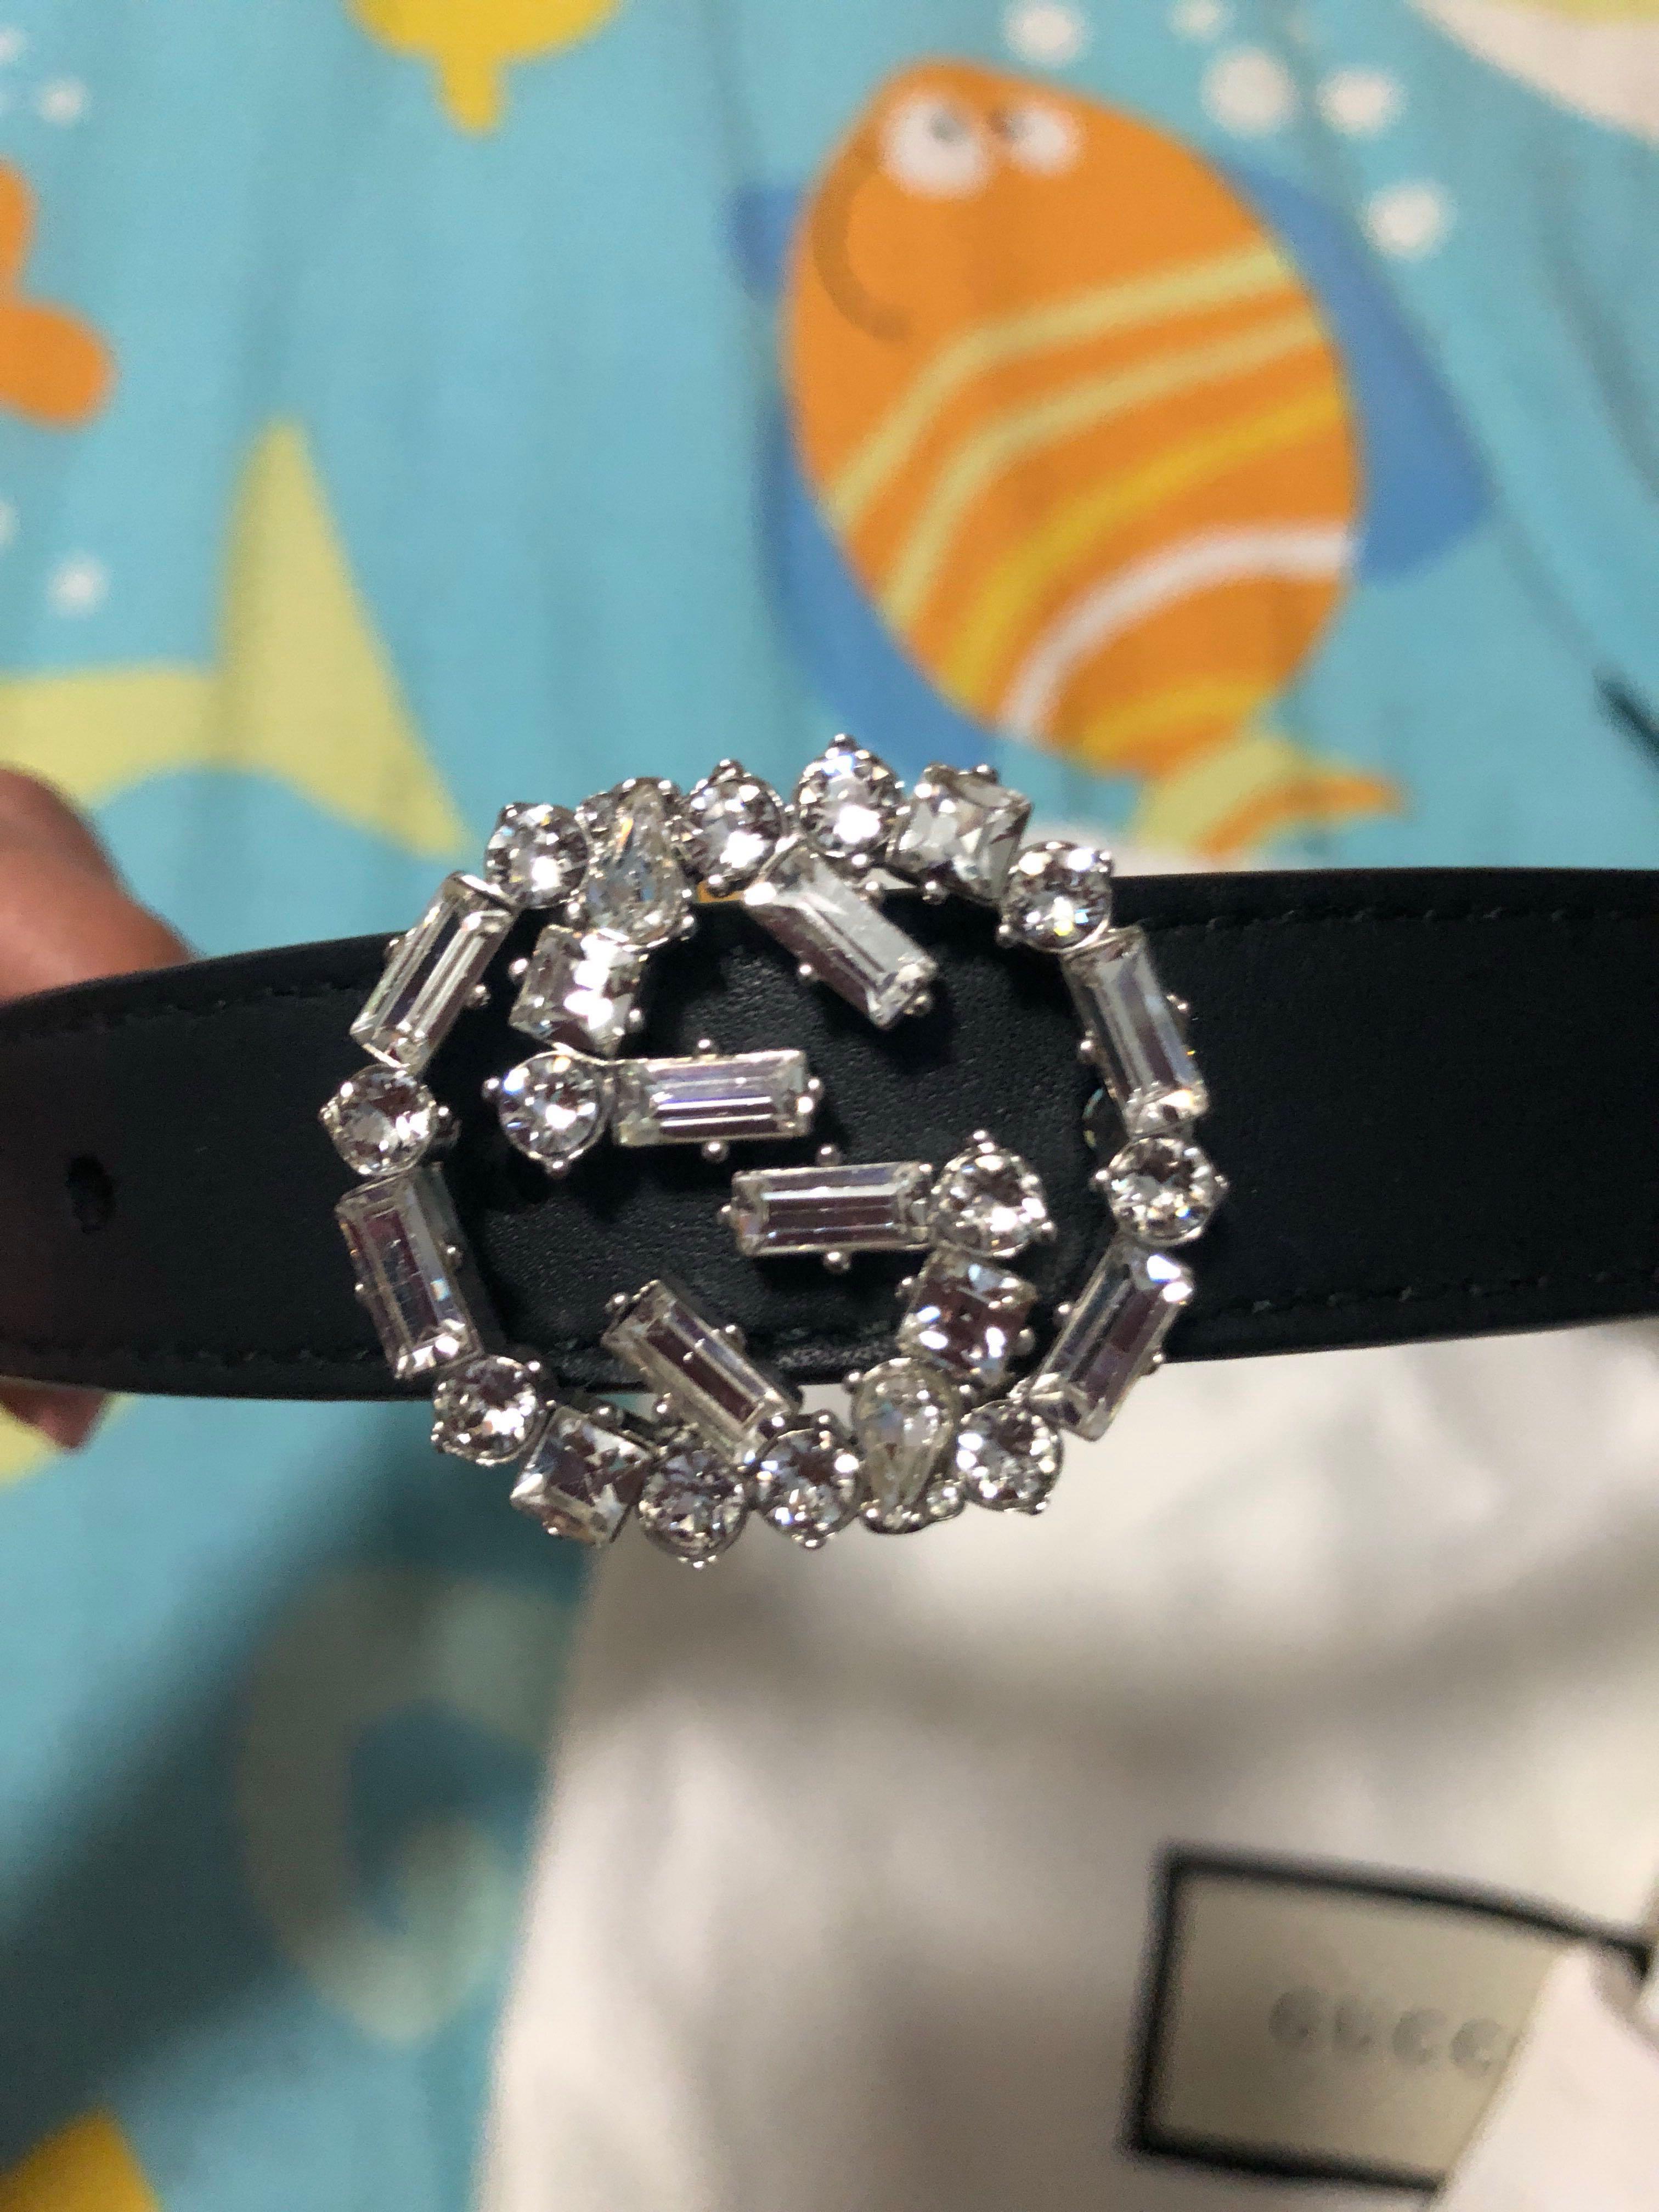 73b707b5a5de Gucci Women Skinny Belt w/crystal Studded GG buckle, Luxury, Accessories,  Belts on Carousell